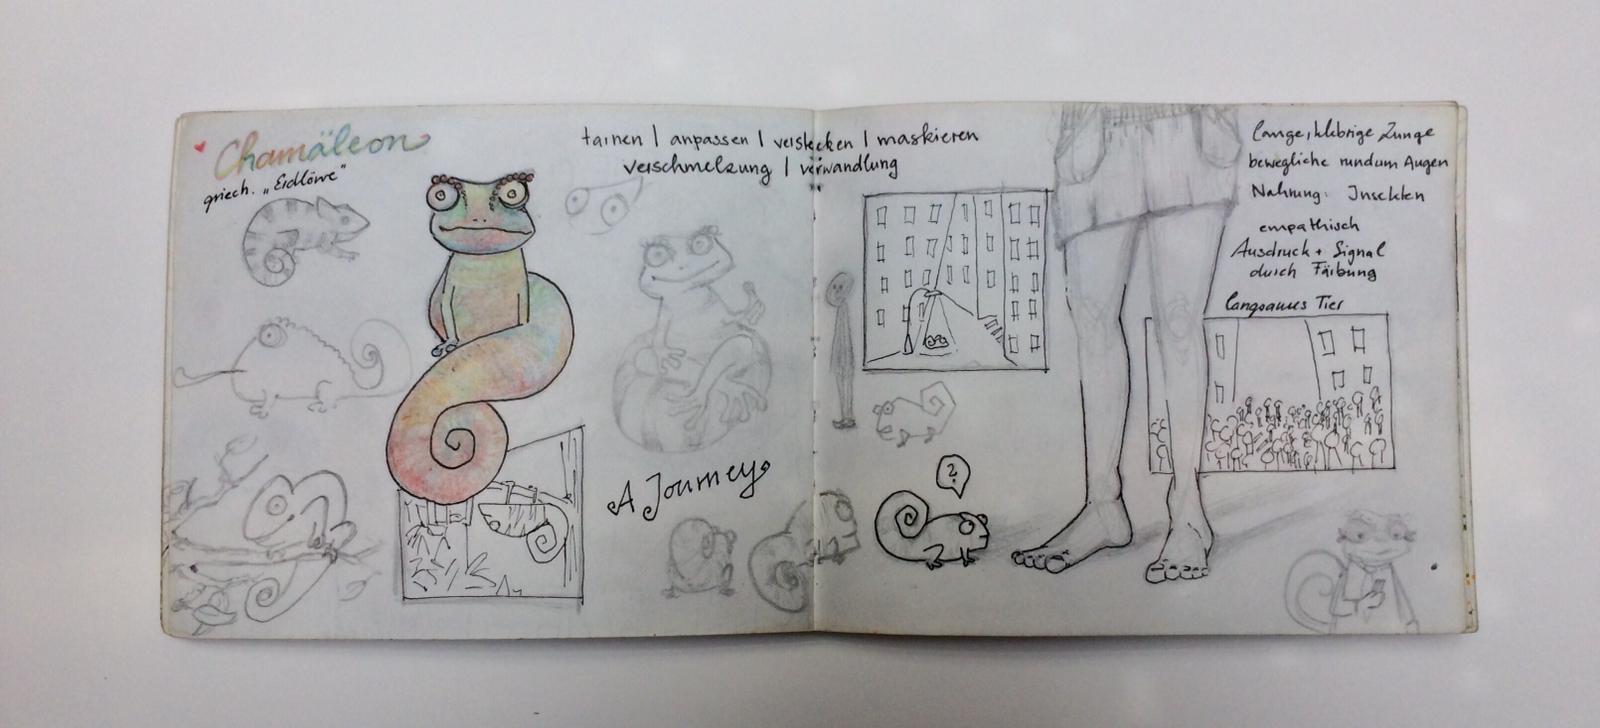 werkstatt-eden-lis-werner-illustration-skizzenbuch8